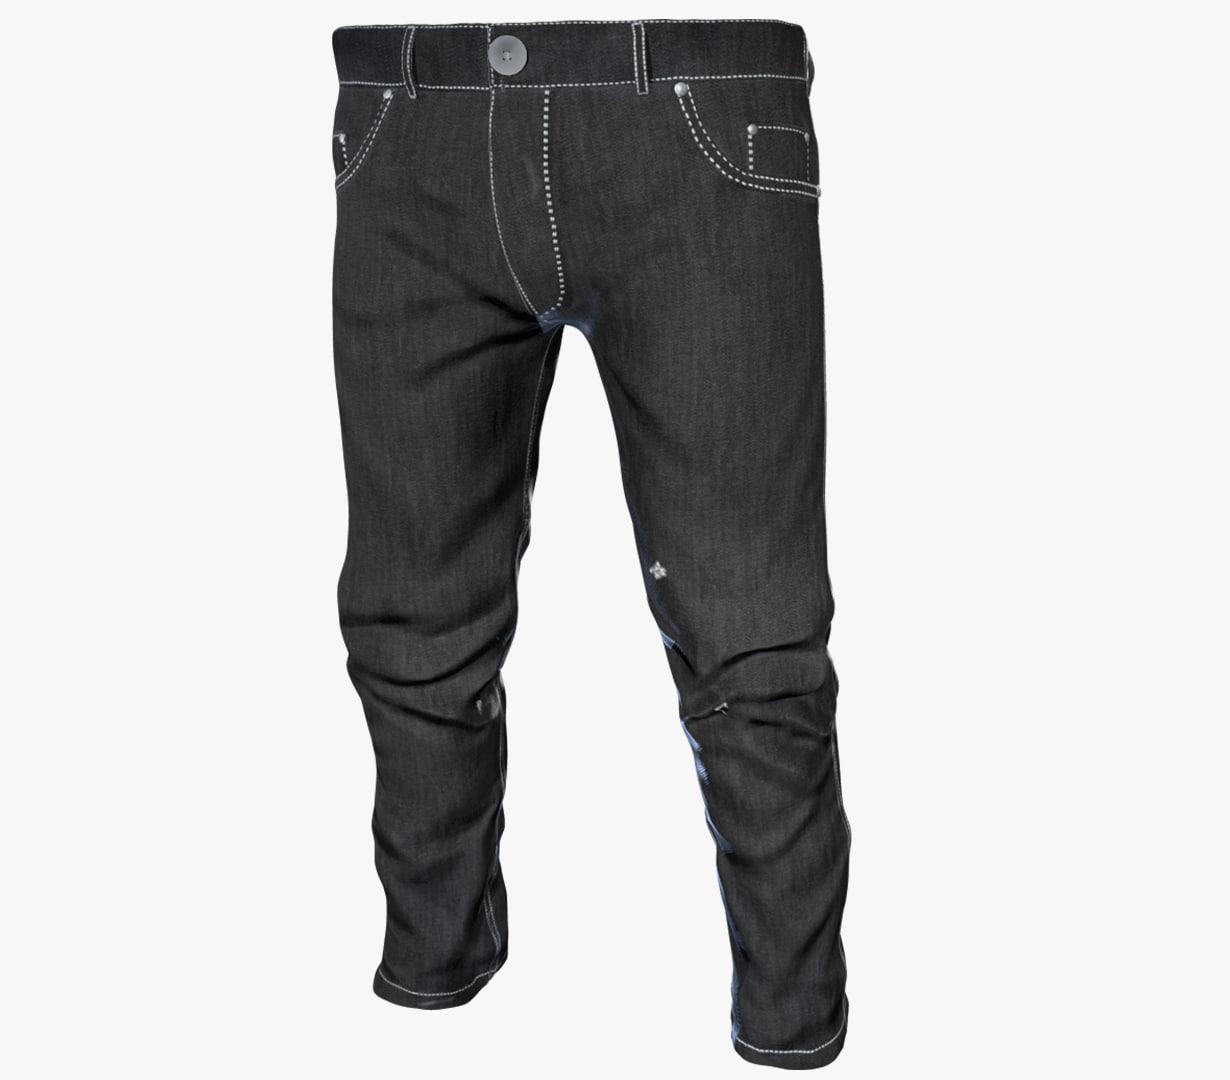 3D black jeans pants model